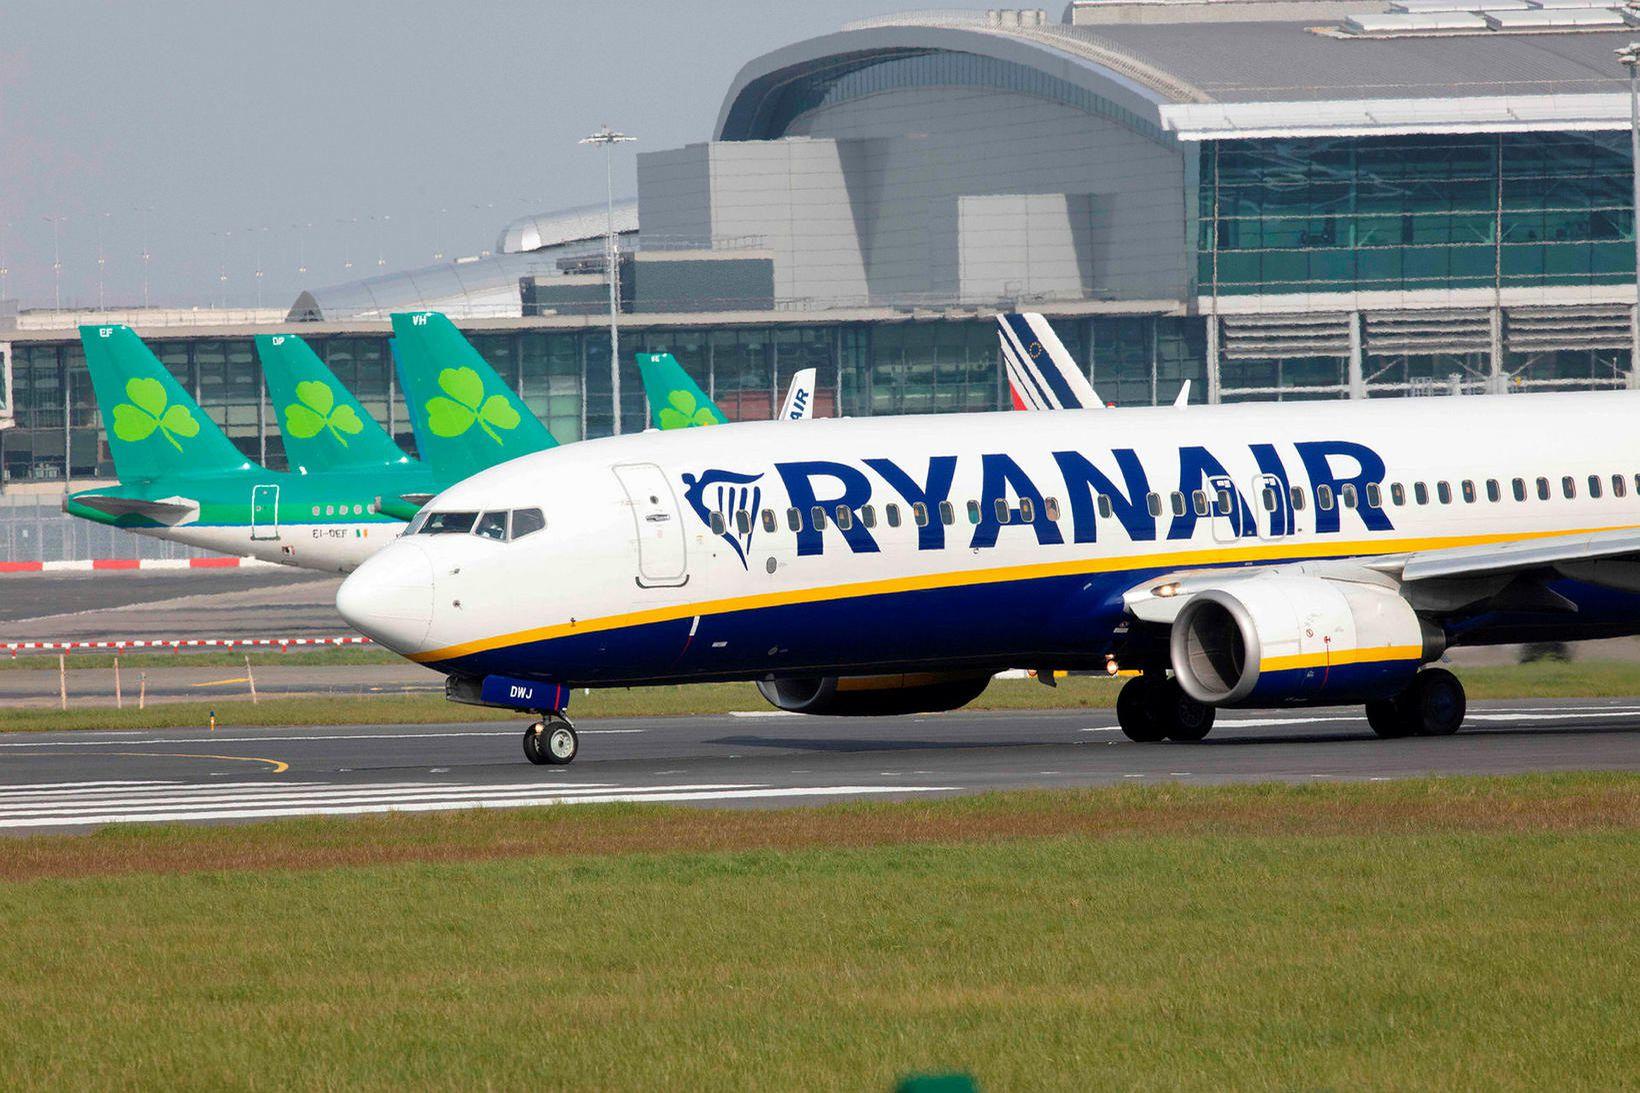 Ryanair hefur tilkynnt um að félagið muni fljúga að nýju.